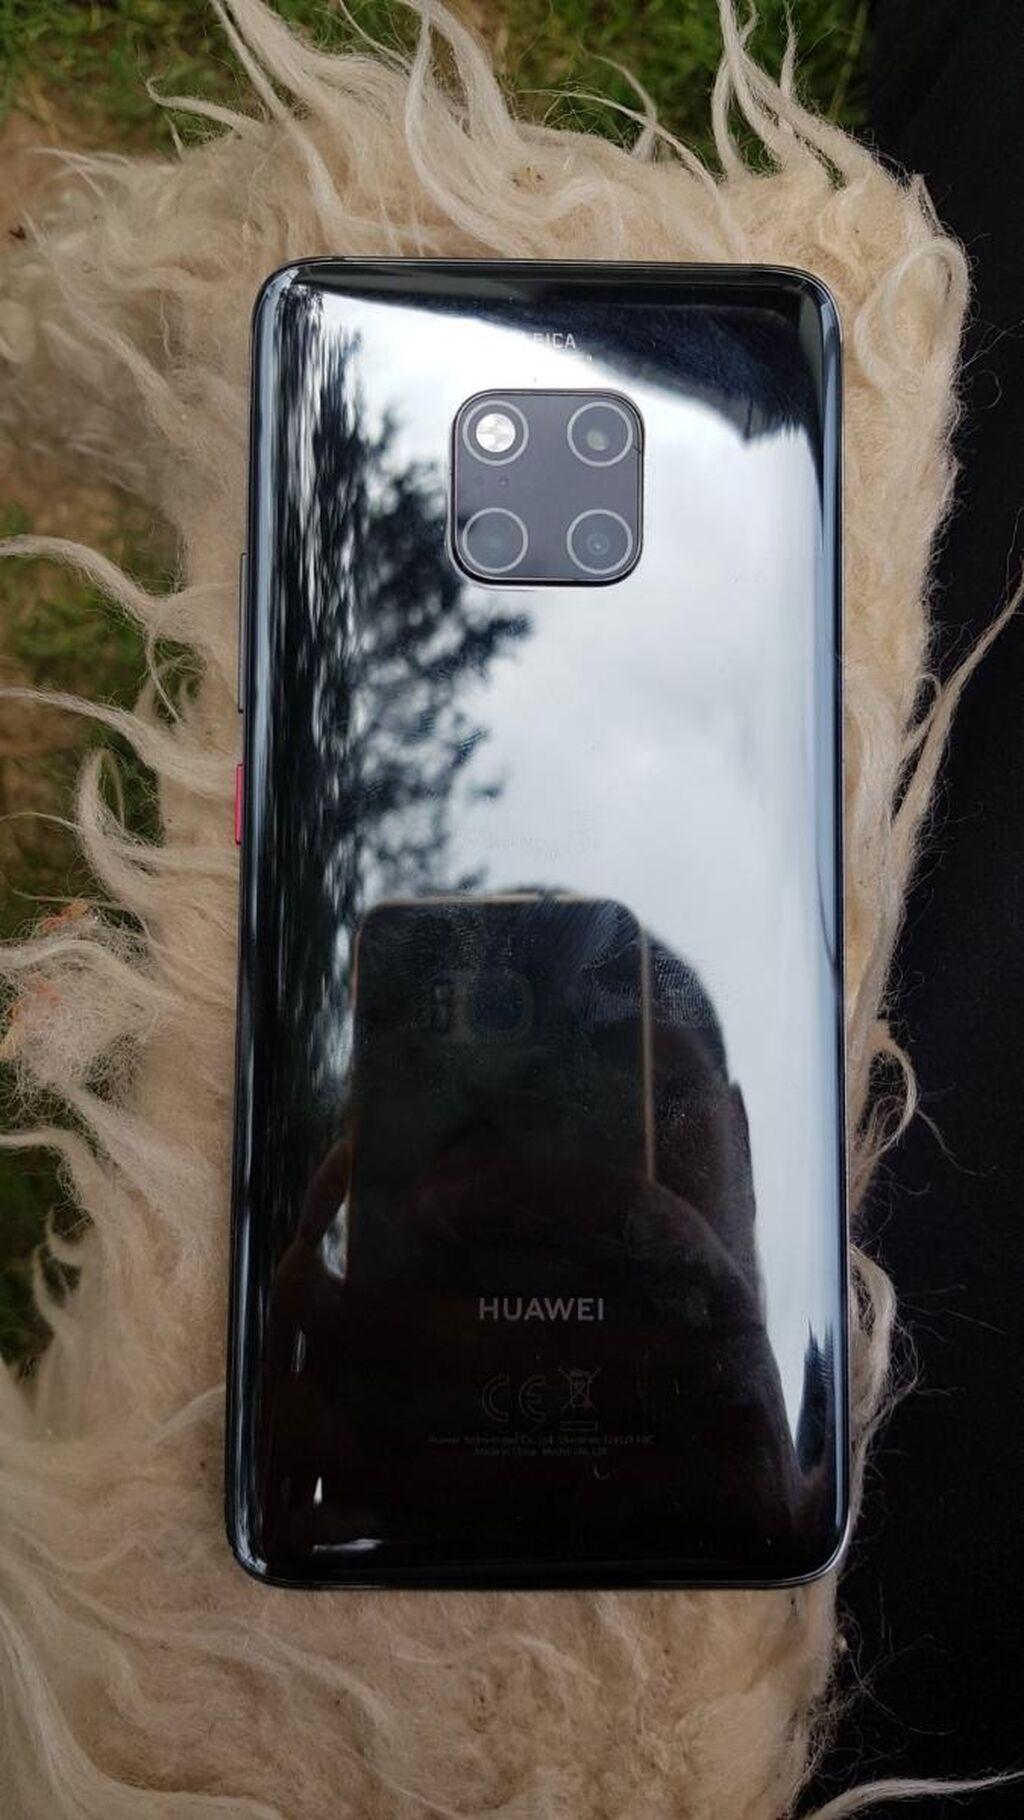 Huawei mate 20 pro od opreme sve sto ima vakum pakovanje telefon je kao i nov nema nikakvih mana prekupac nisam ne radim sa telefonima